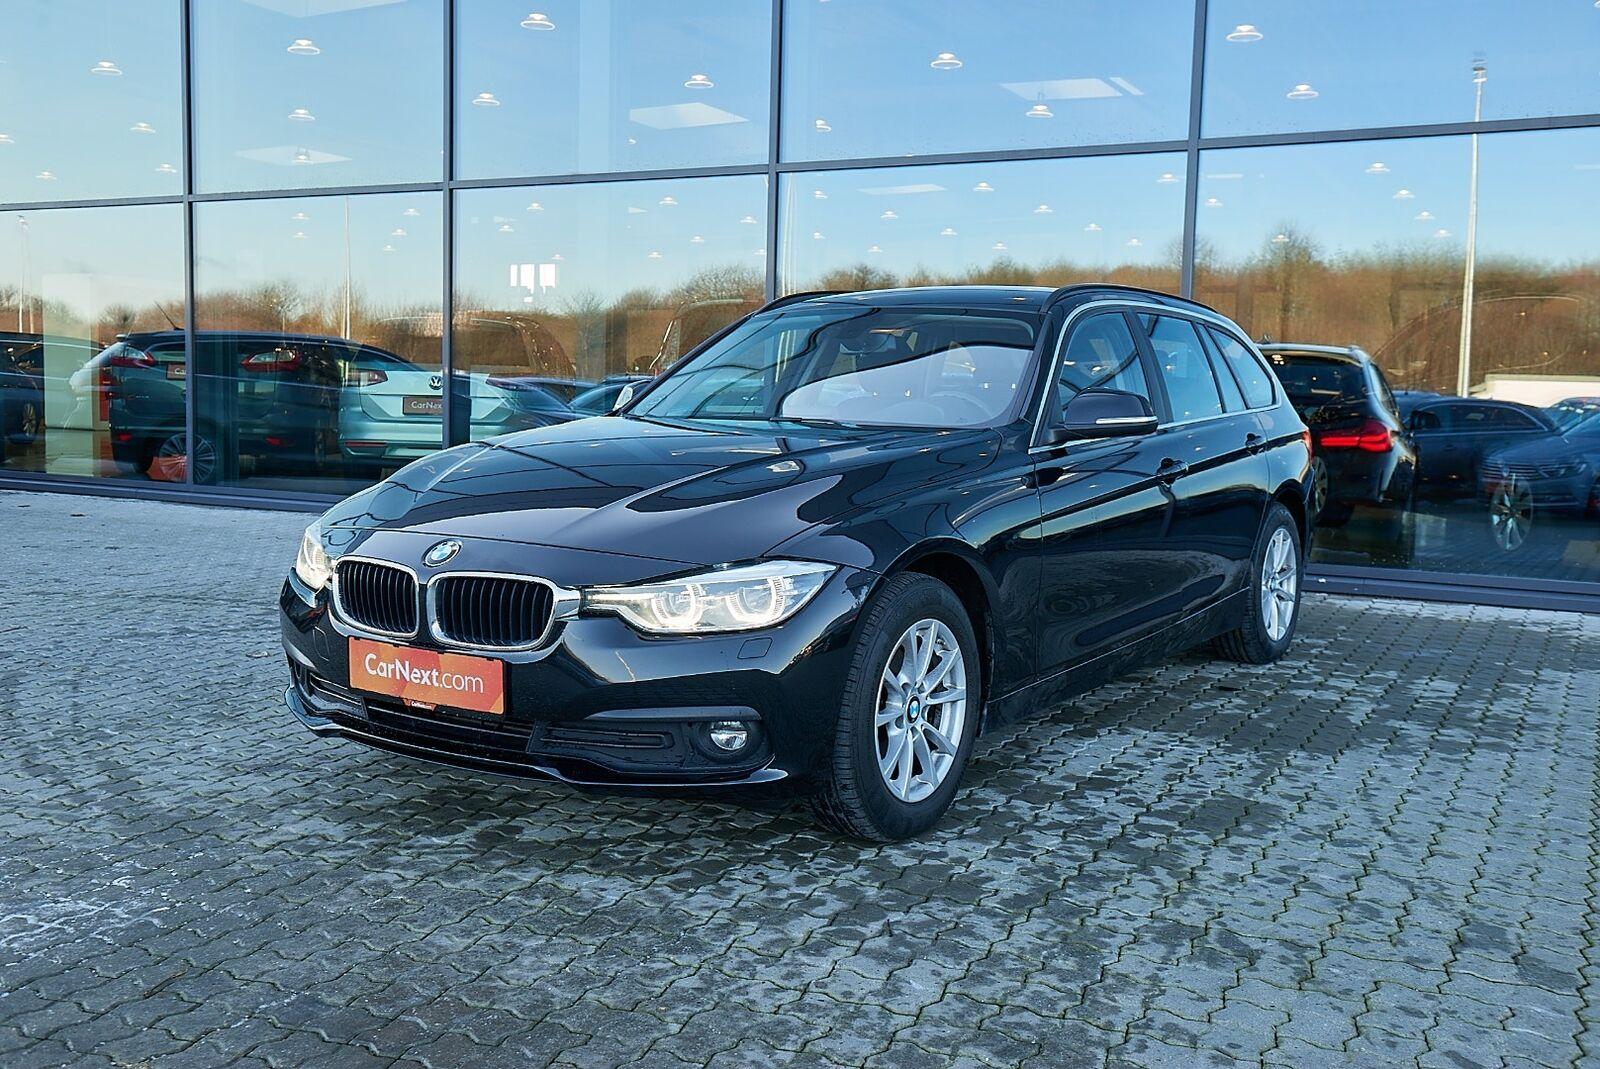 BMW 320d 2,0 Touring Executive aut. 5d - 249.900 kr.